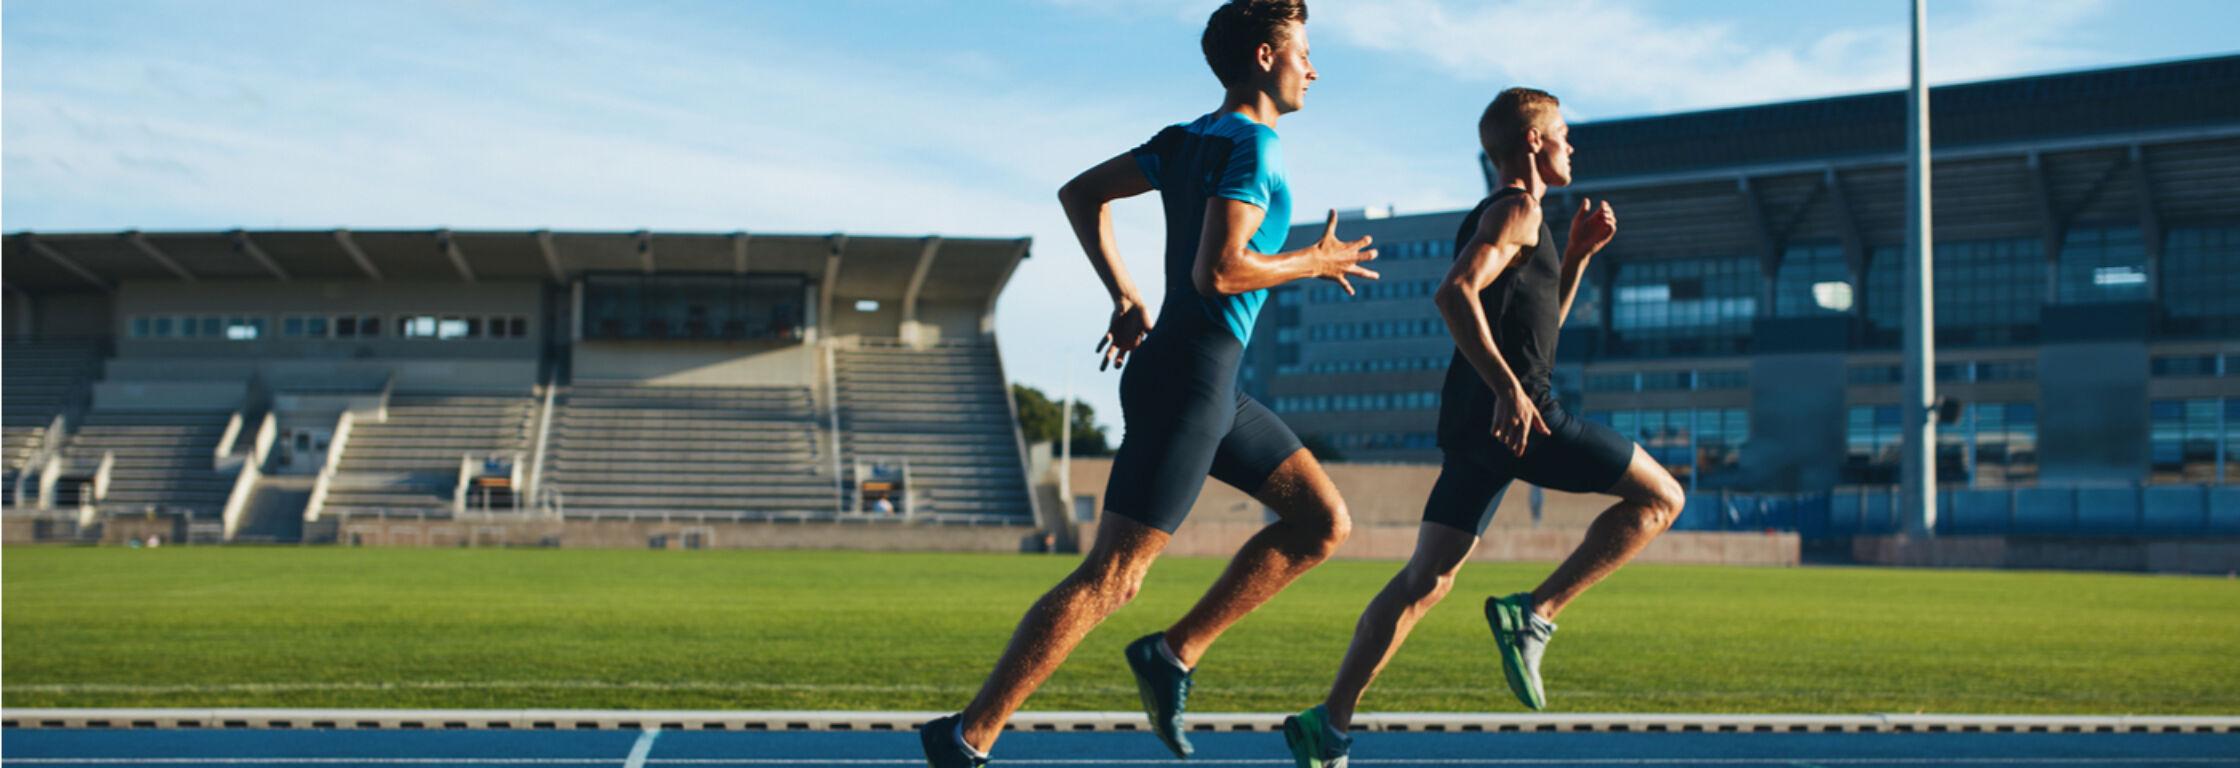 De mechanica van het hardlopen